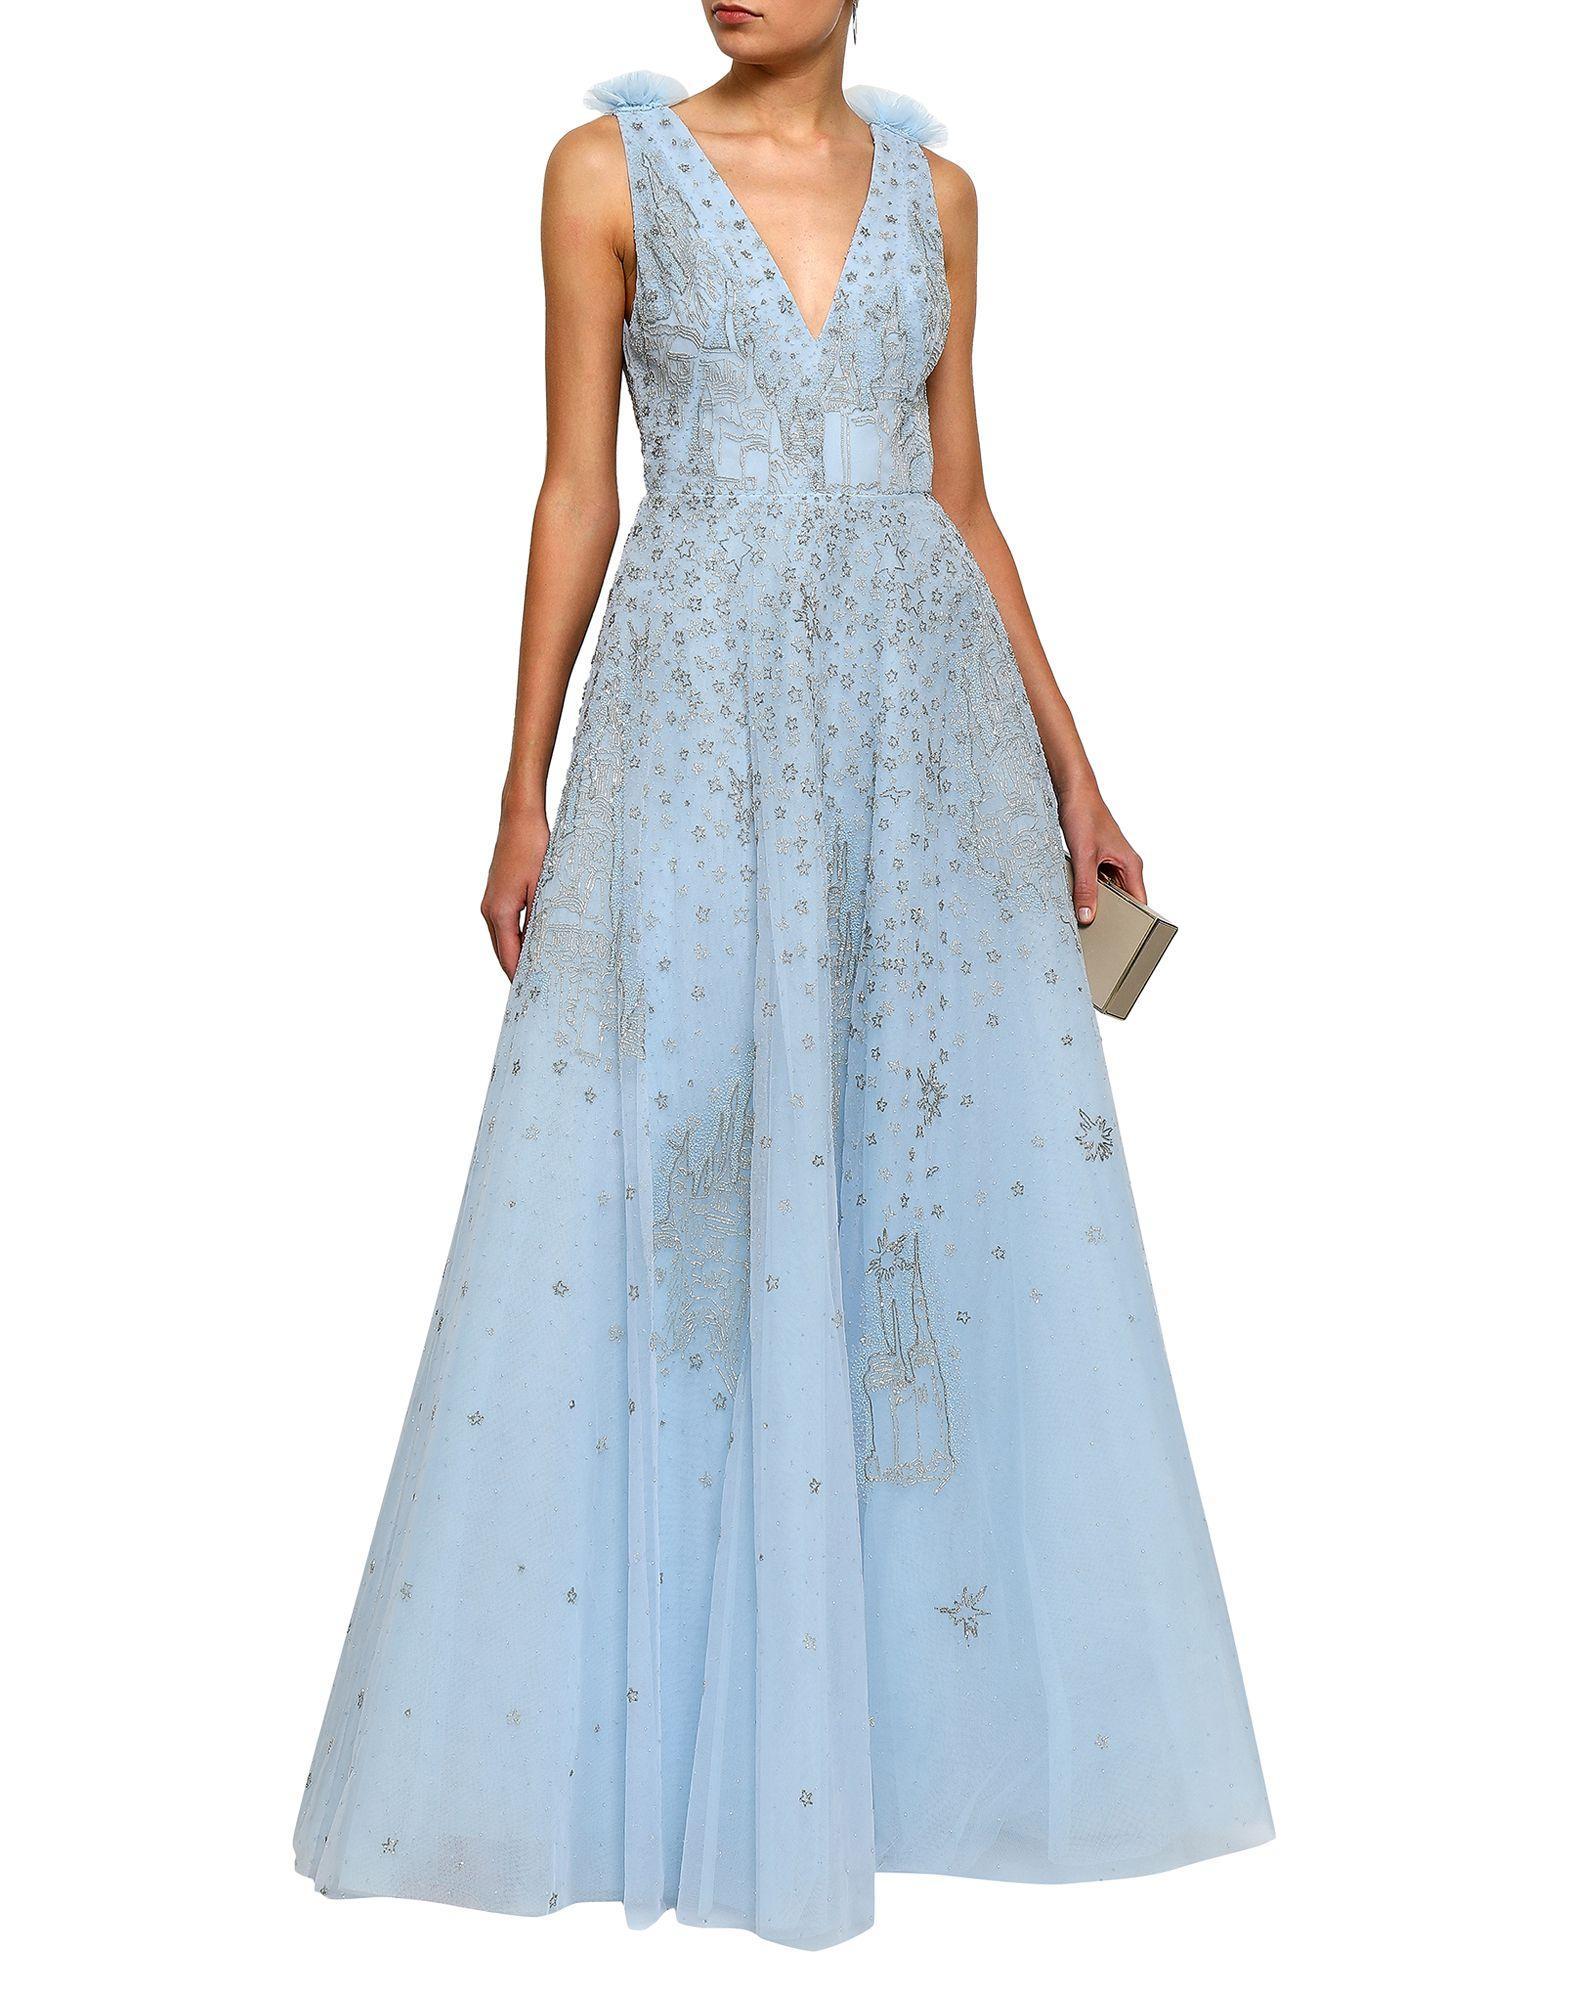 Zuhair Murad Tüll Langes Kleid in Blau